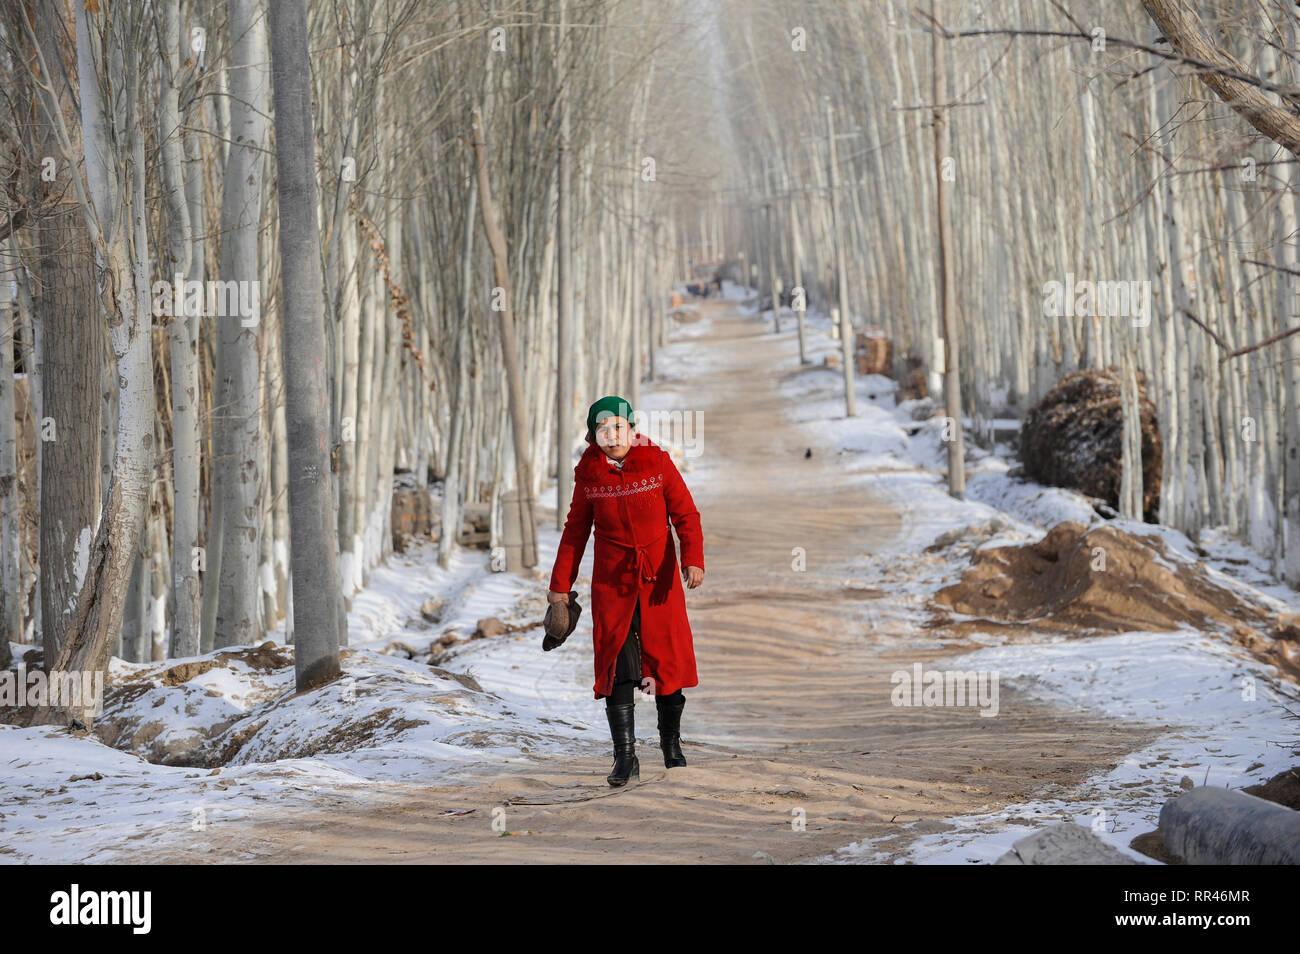 CHINA Provinz Xinjiang, uigurischen Stadt Opal in der Nähe von Kashgar, Frau im roten Mantel entlang Pappel Allee/China Provinz Xinjiang, uigurische Stadt Opal in Kashgar, hier lebt das Turkvolk der Uiguren, das sich zum Islam bekennt Stockfoto